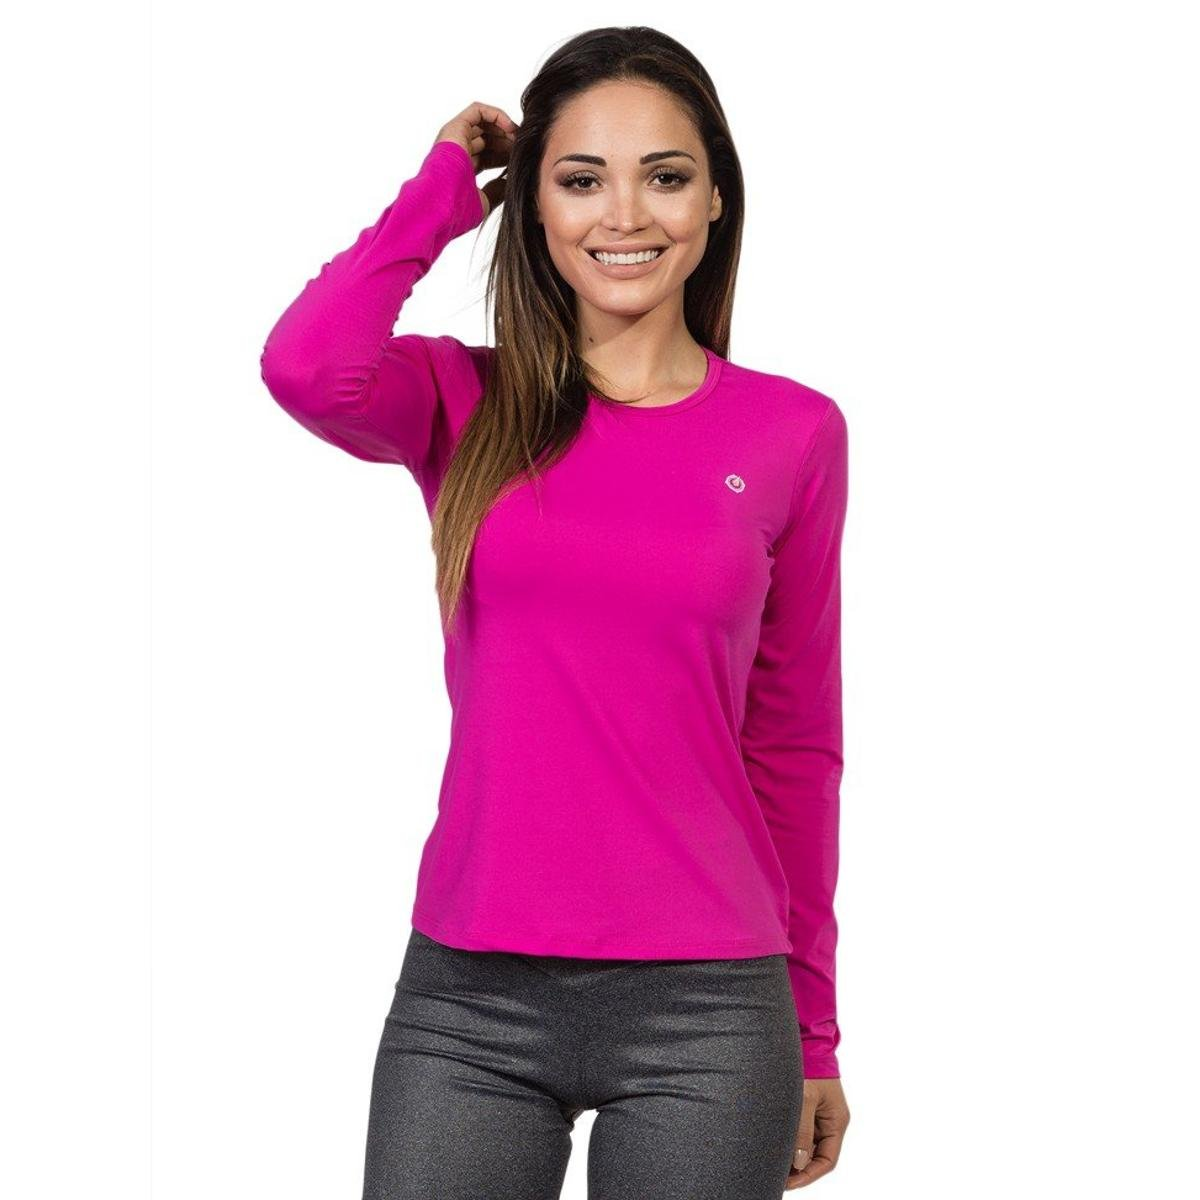 Solar Proteção Manga UV Longa com Extreme Pink Ice Camiseta HwqgtE5WW